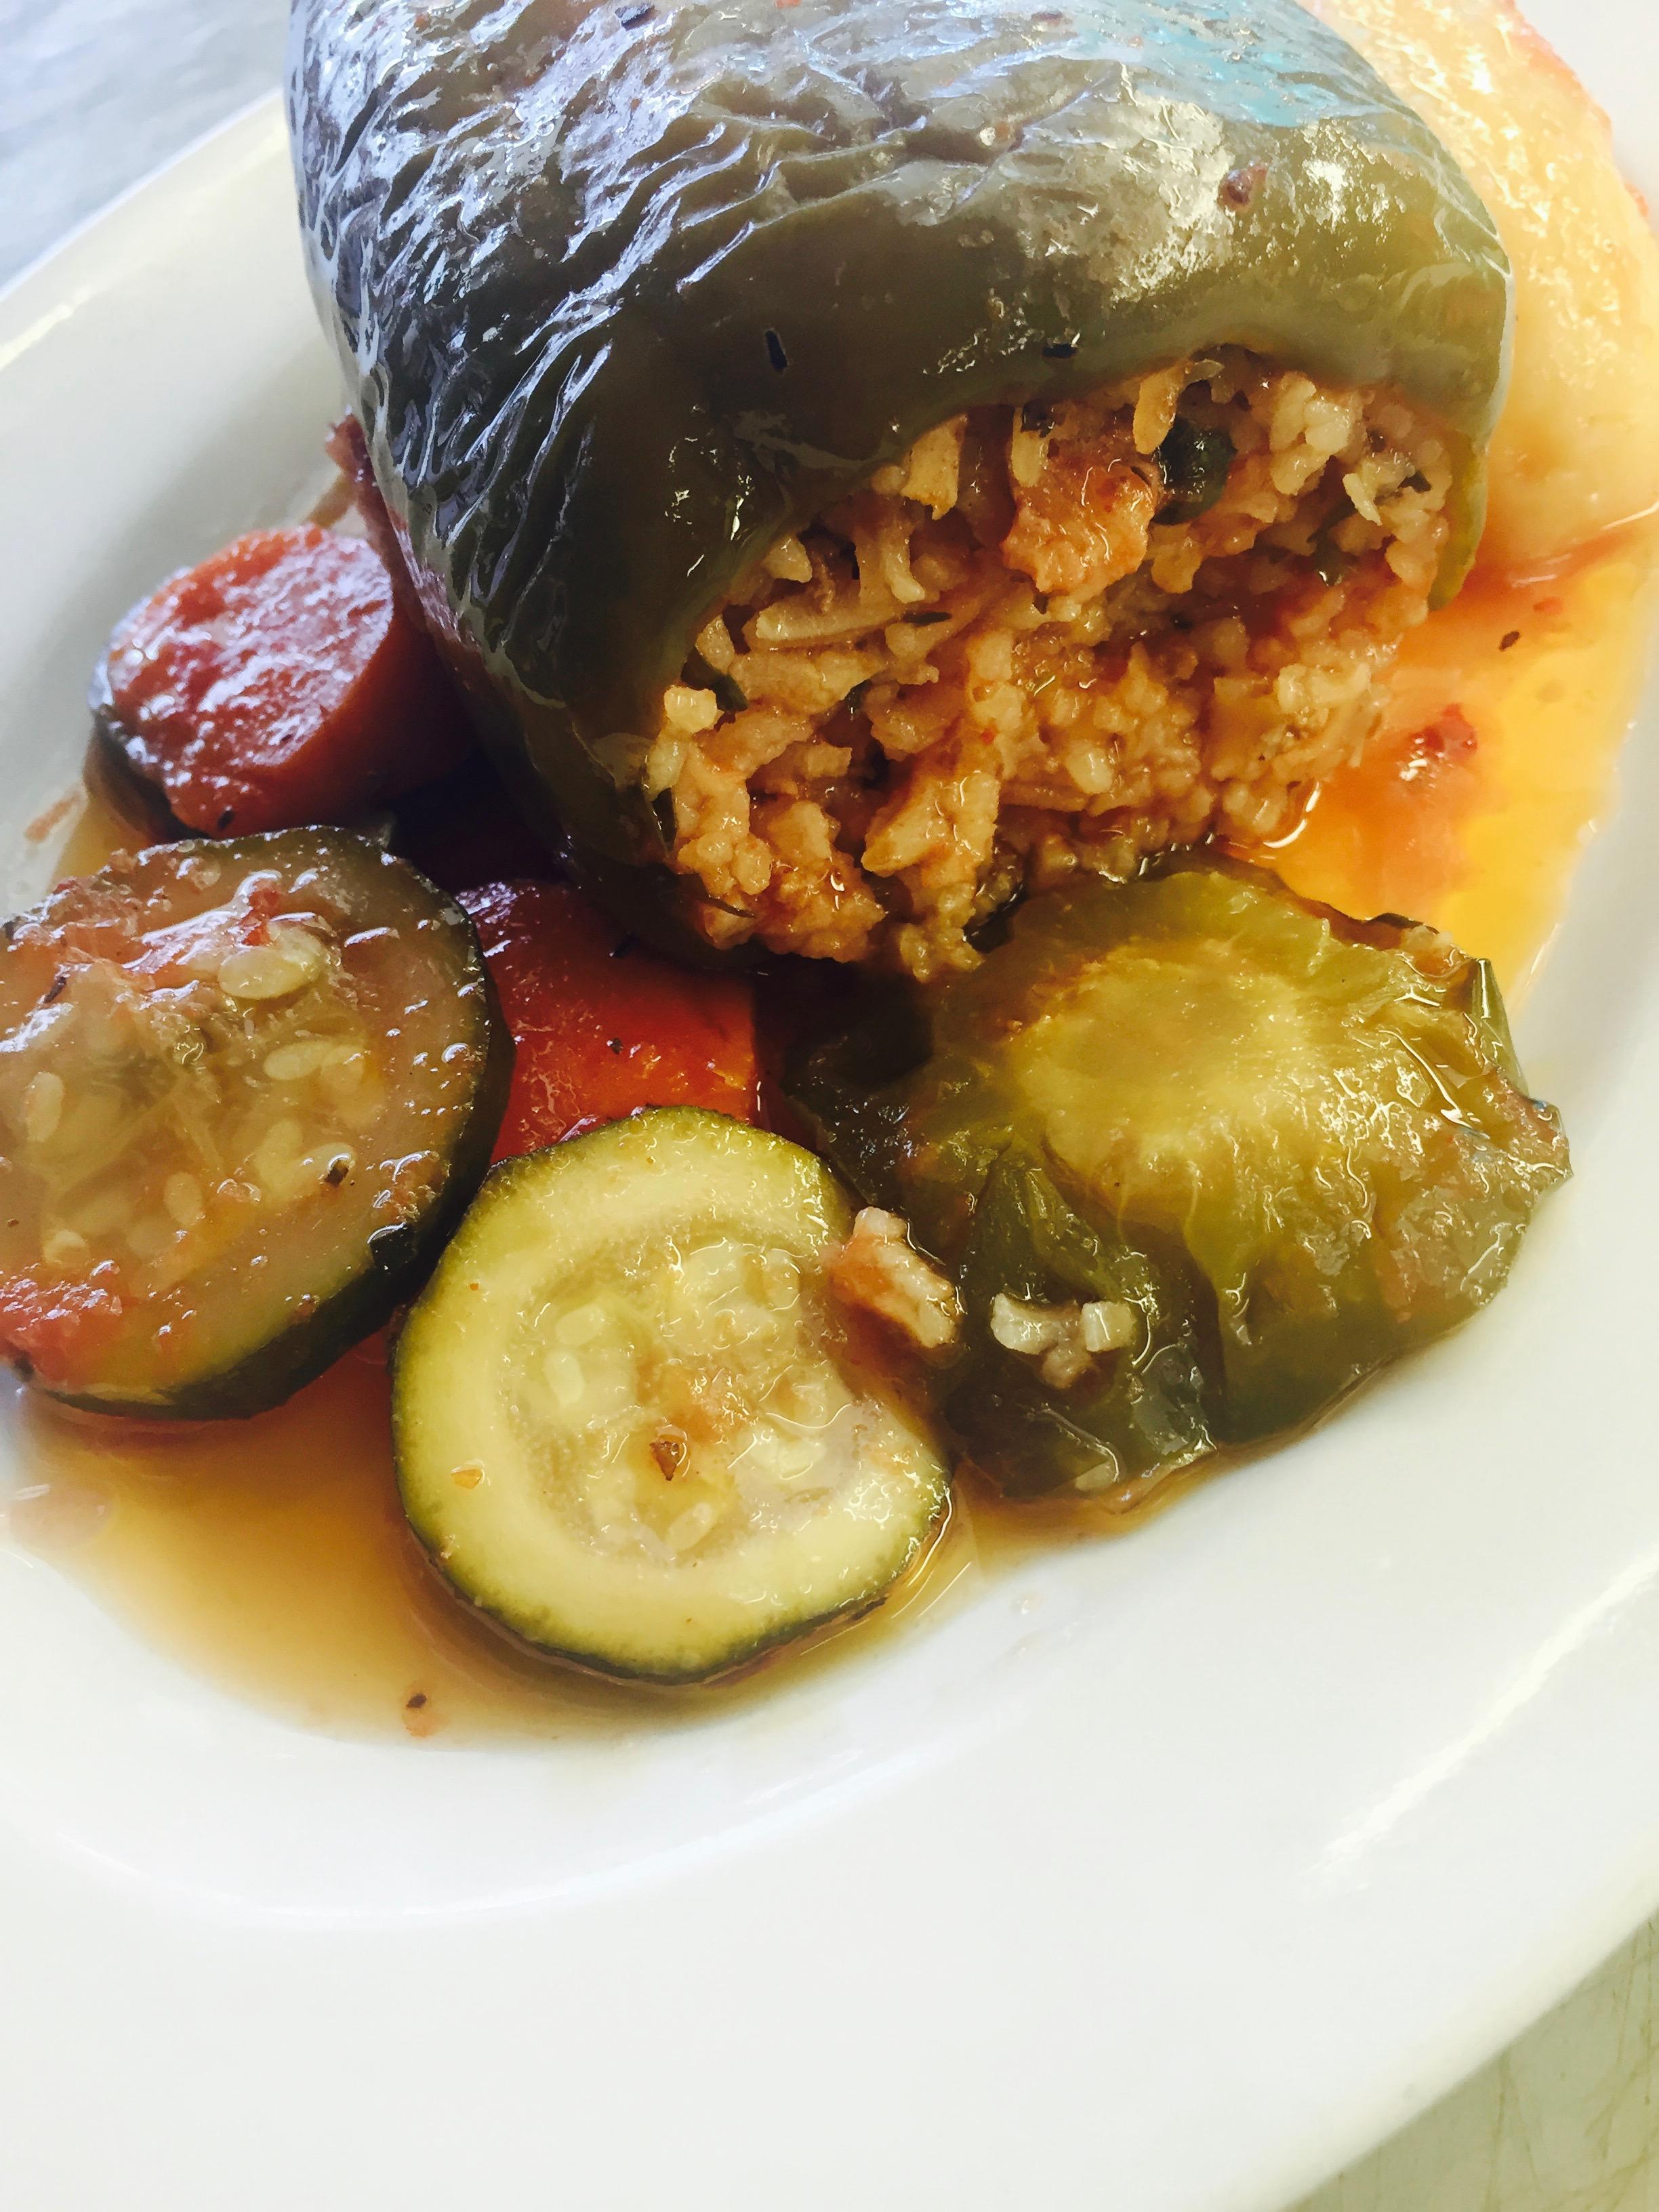 Gemista (stuffed capsicum)